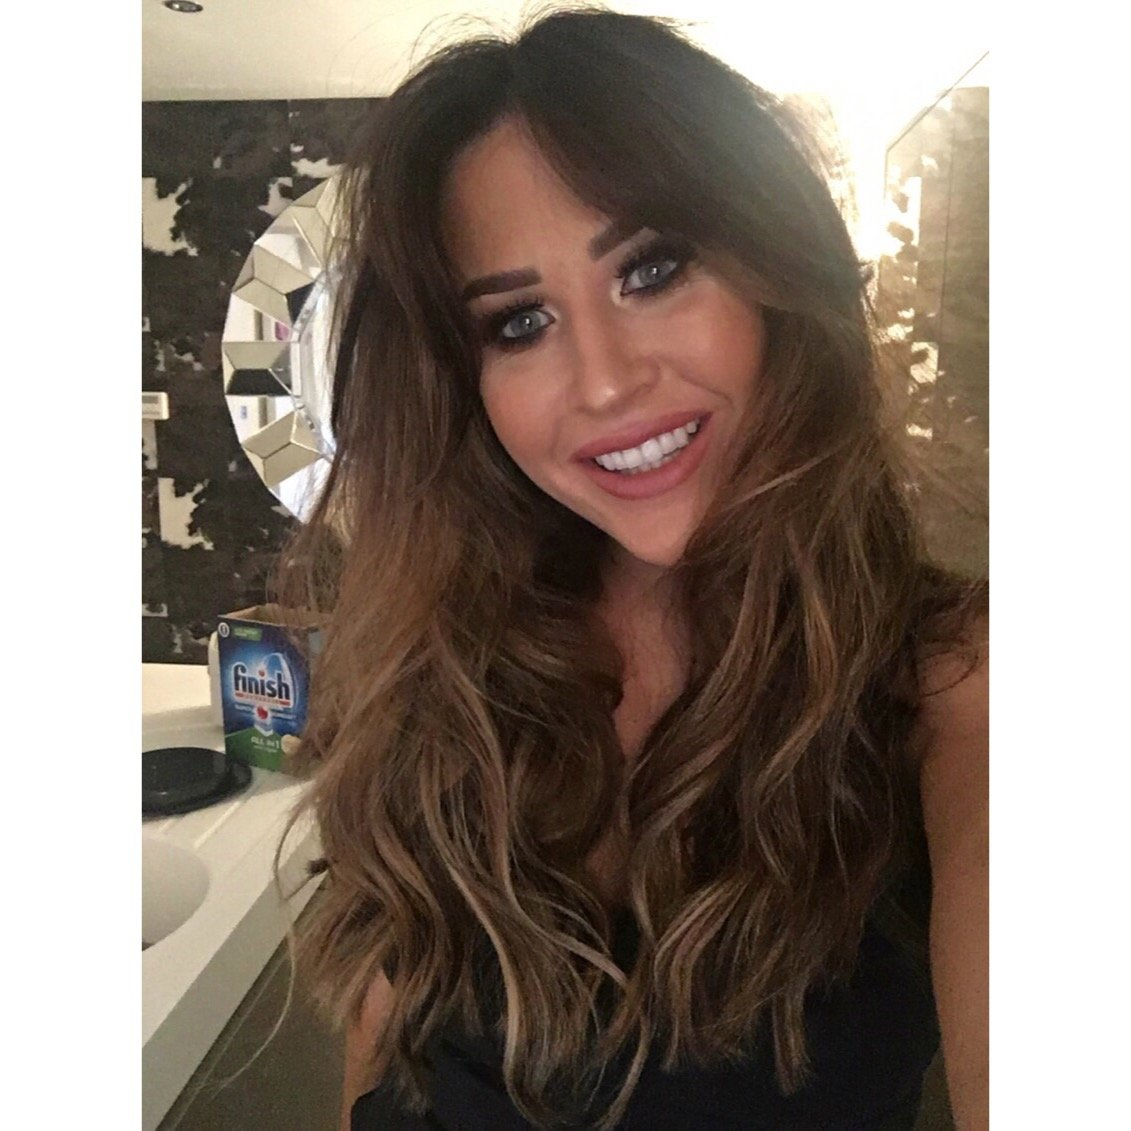 Chloe Bowman's profile pic